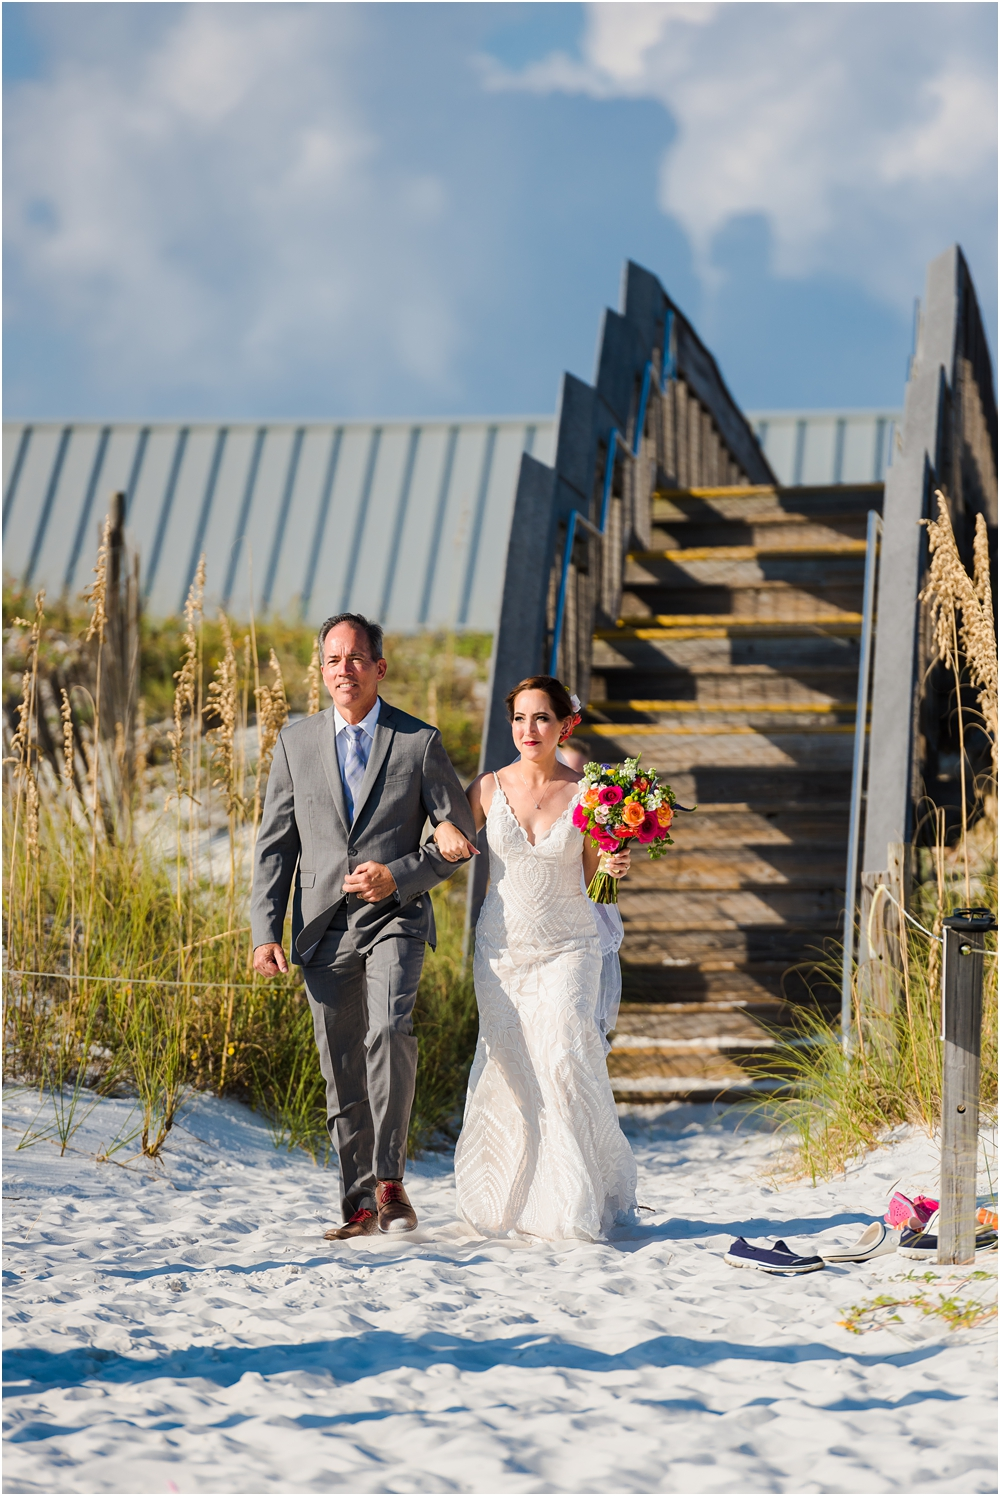 destin-sunquest-cruise-wedding-kiersten-stevenson-photography-35.jpg